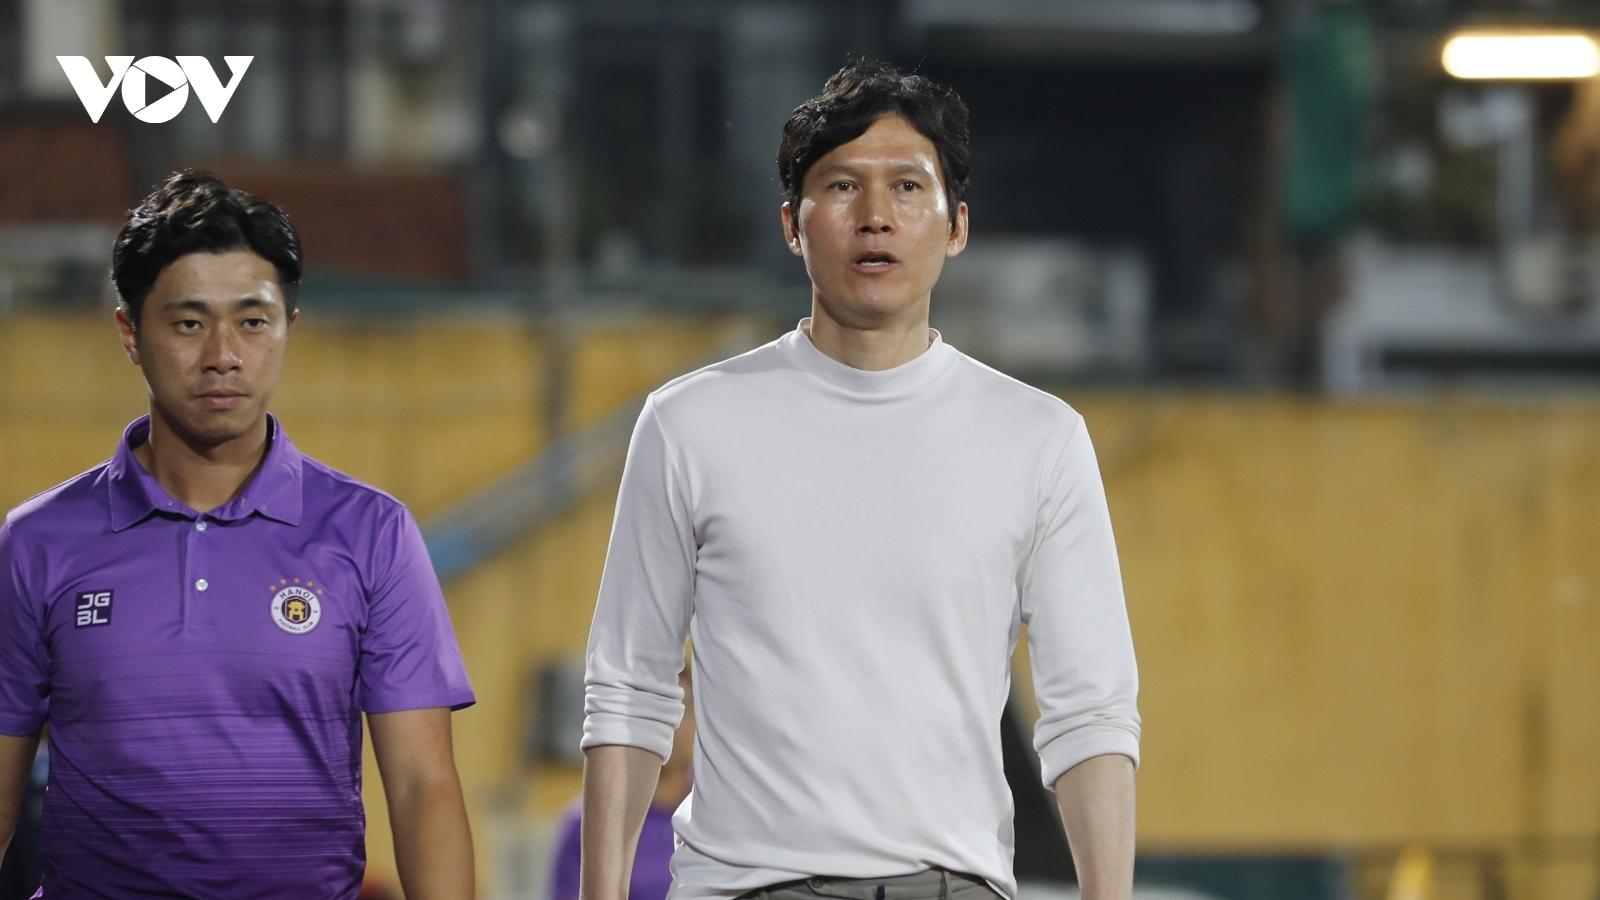 Ra mắt thất bại, HLV Park muốn đưa cầu thủ Hàn Quốc sang Hà Nội FC